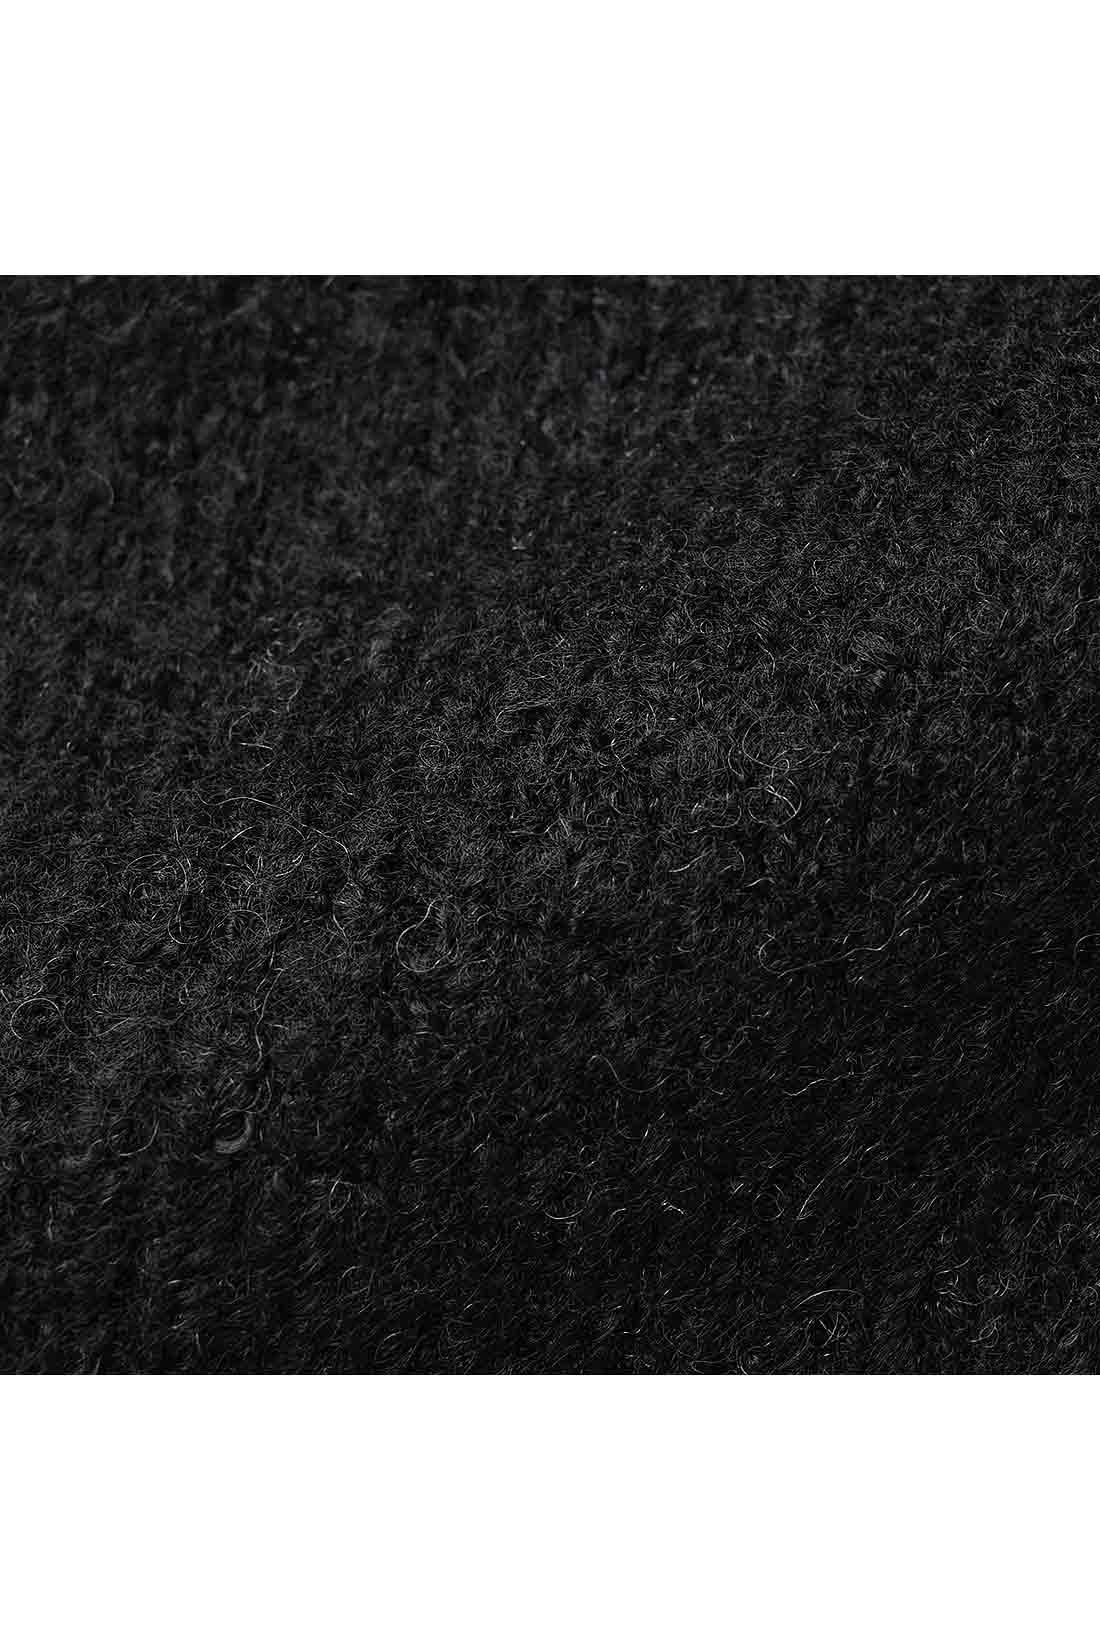 もっちり&ふんわりとした、伸びやかで肉厚な起毛素材。